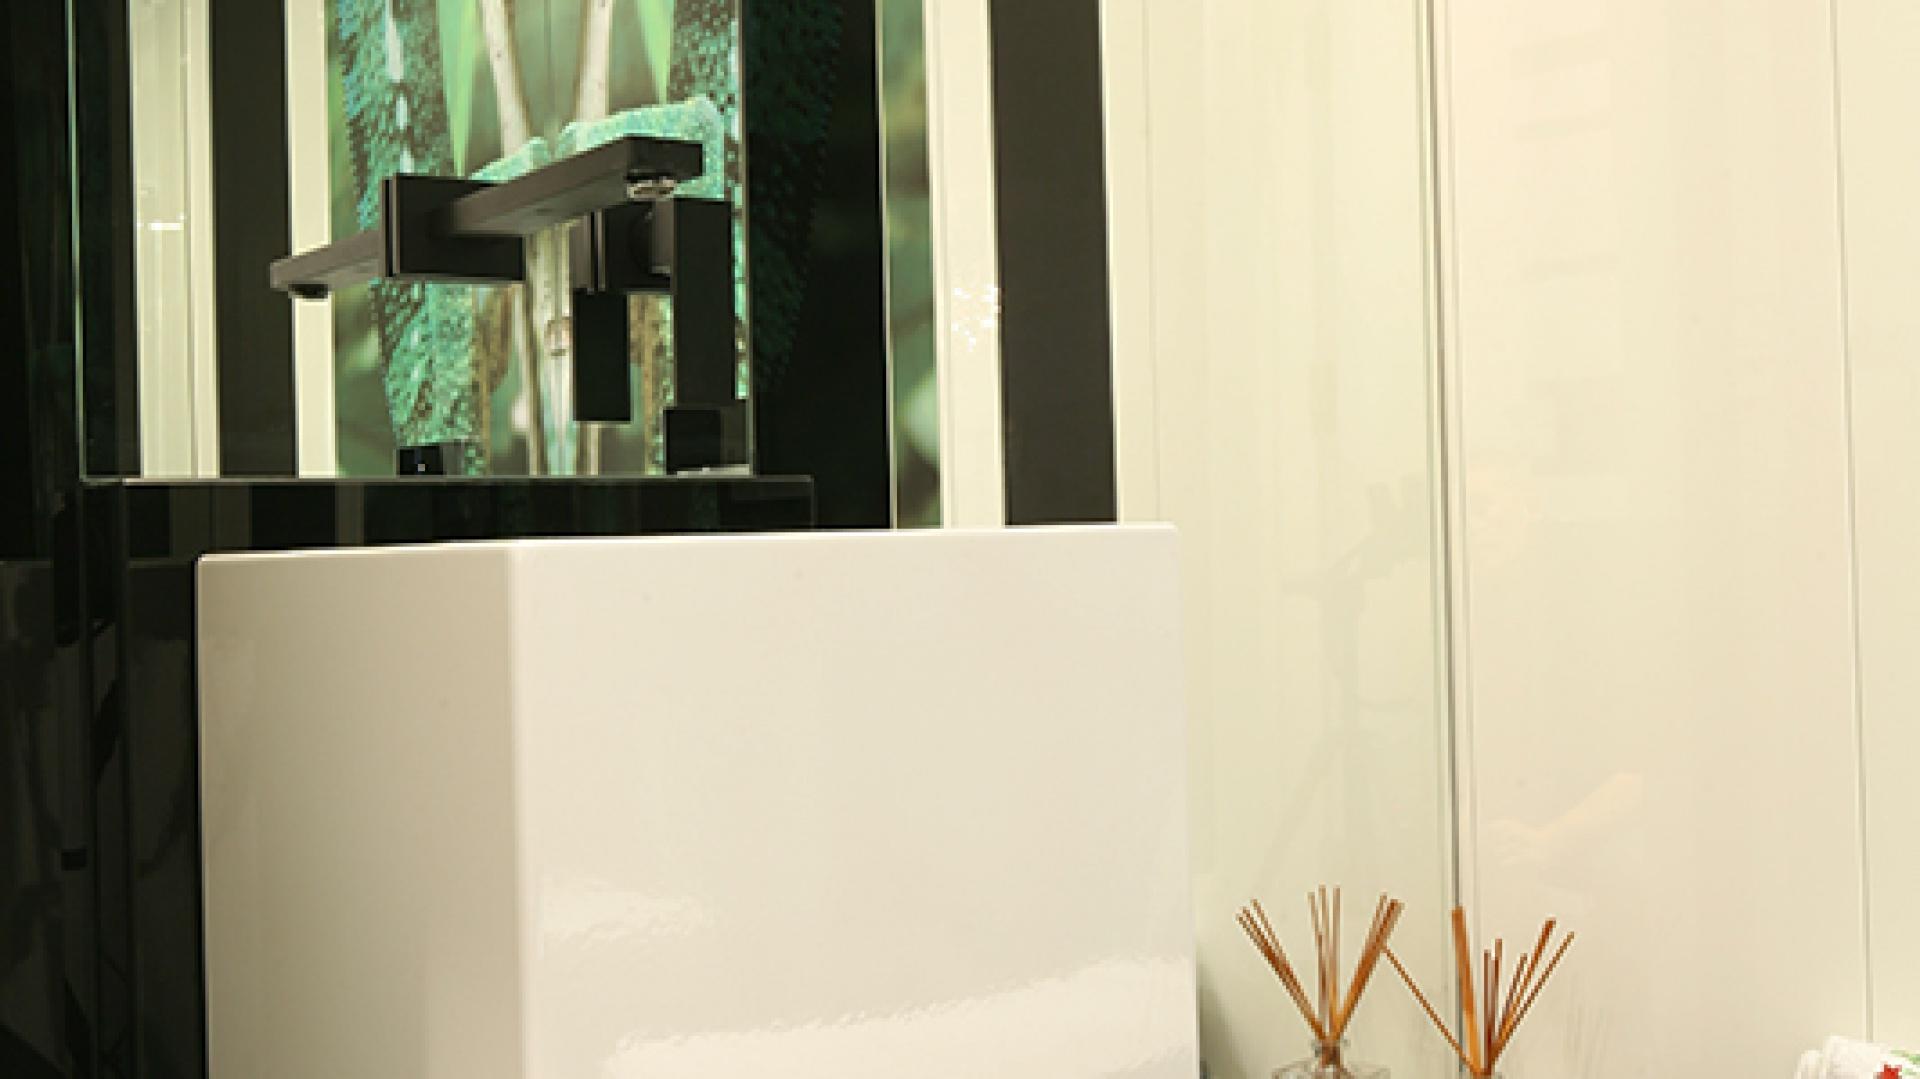 Aranżacja wnętrza utrzymana jest w czarno-białej kolorystyce. Poziome pasy z czarnego szkła Lacobel to nawiązanie do dekoracyjnego motywu pasów, który pojawia się w całym domu. Oświetlenie marki Lira. Fot. Bartosz Jarosz.